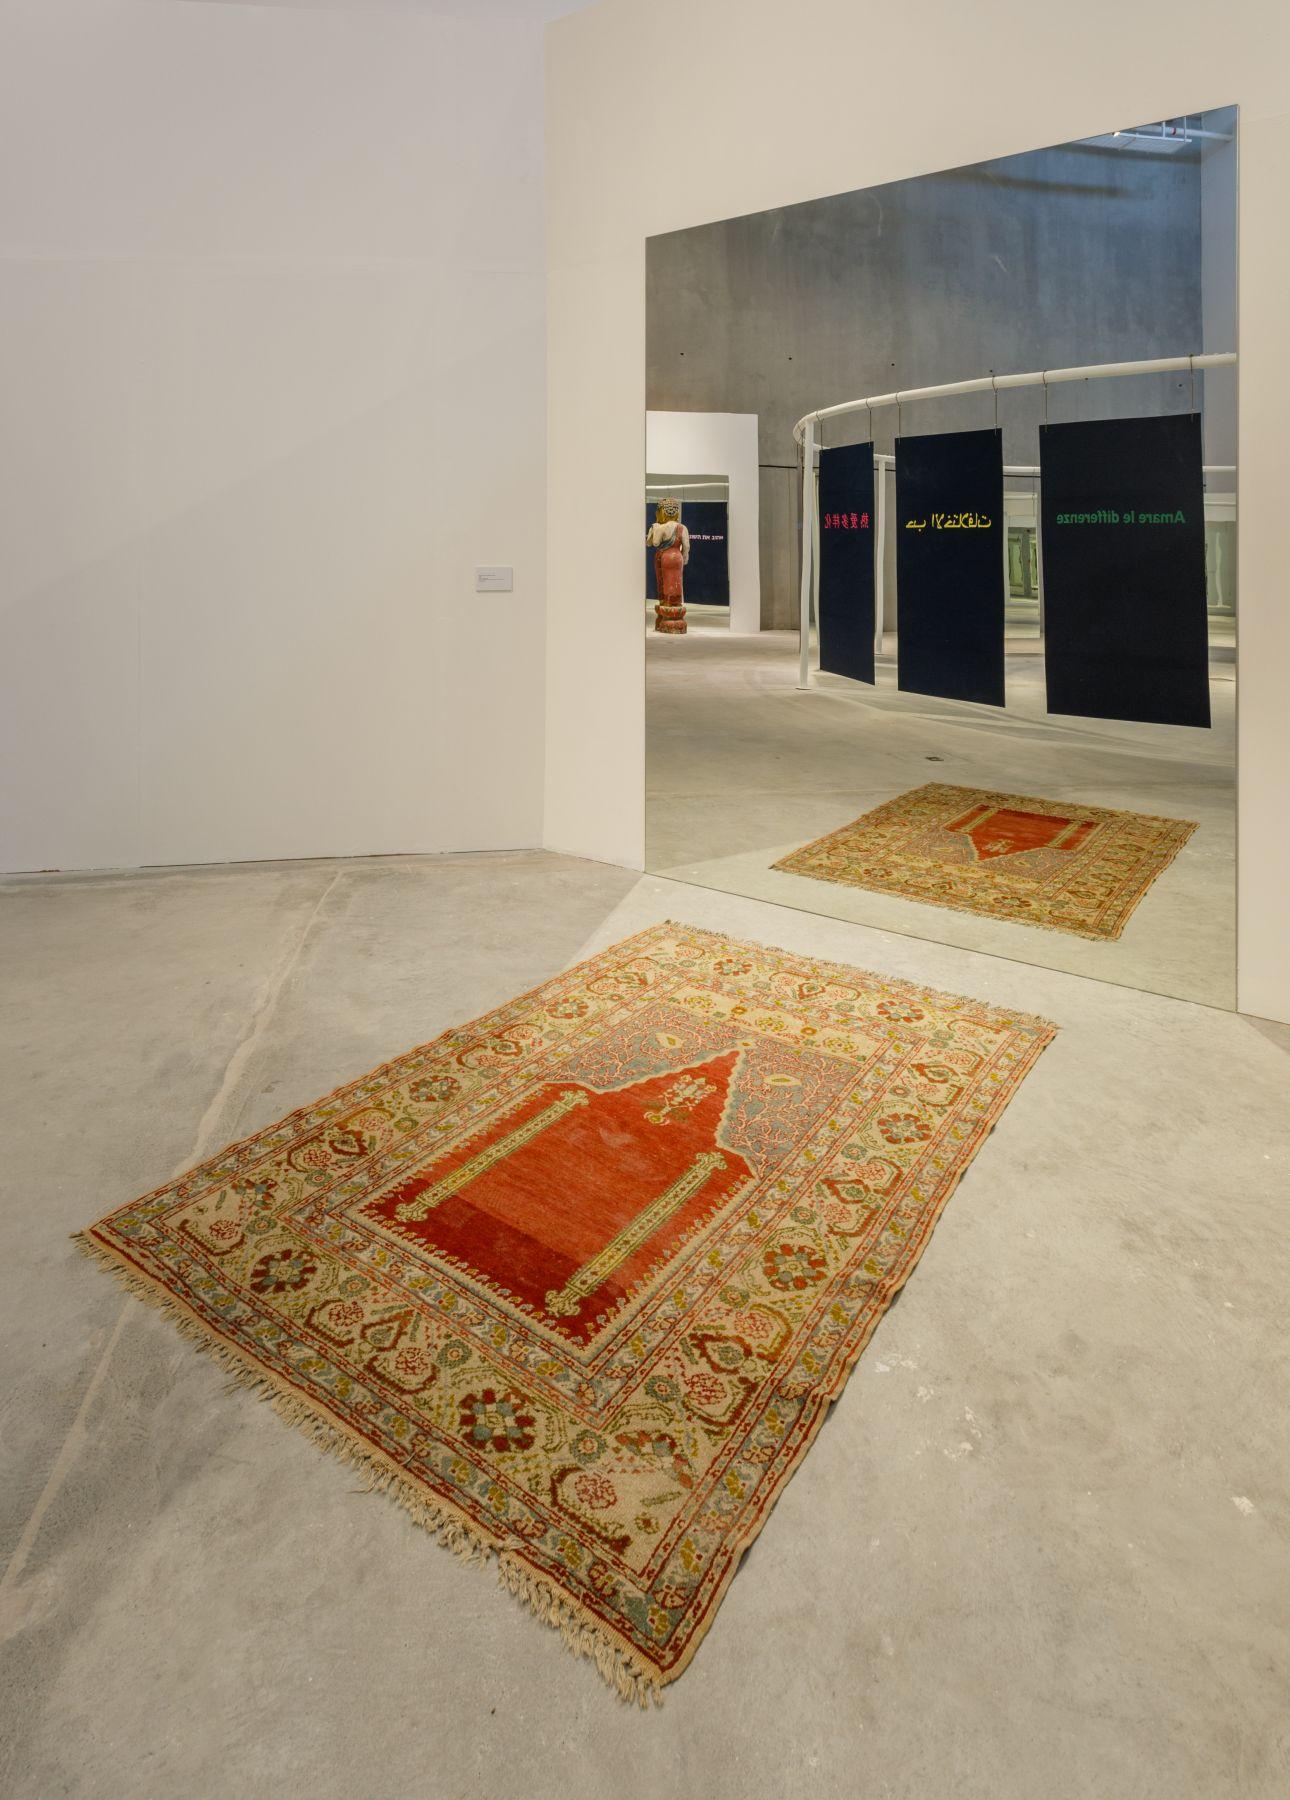 Il tempo del giudizio: Islamico (The Time of Judgement: Islam), 2009-2011, Mirror, prayer mat